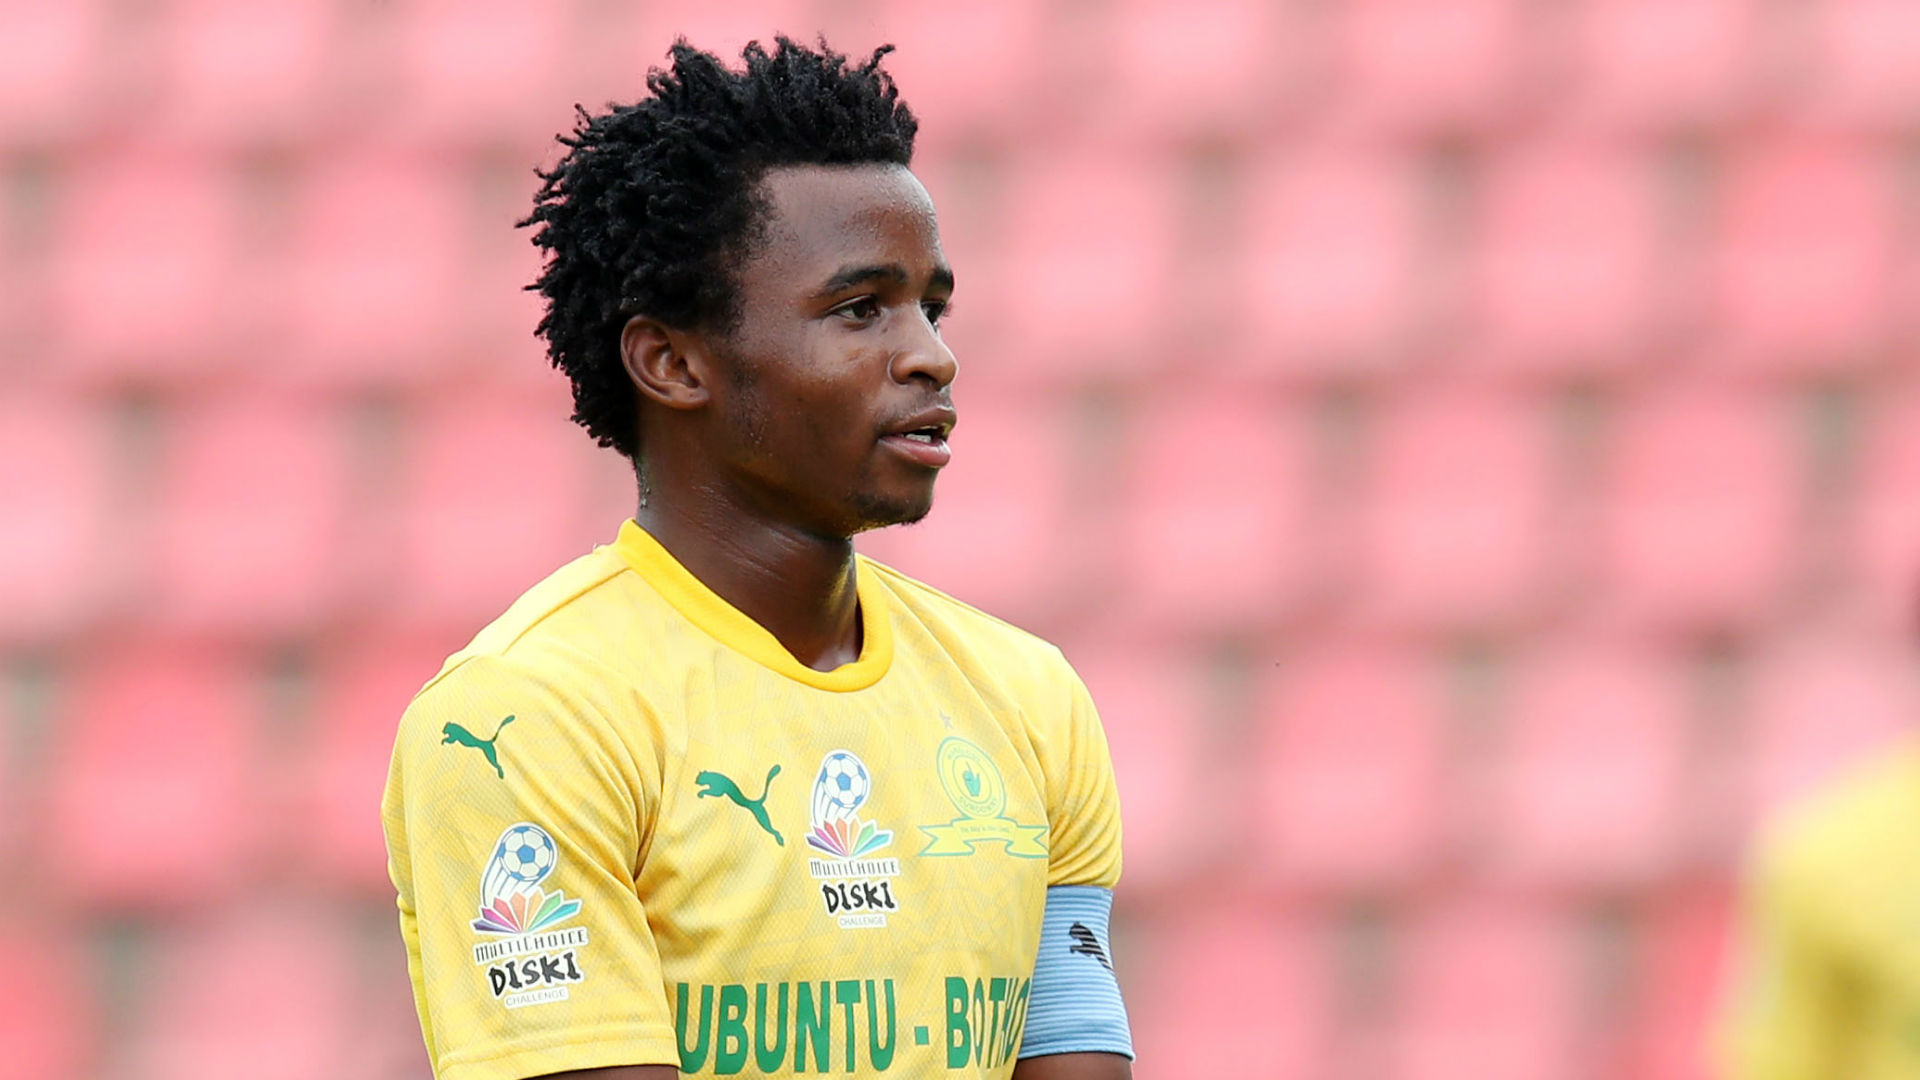 Mkhuma: Mosimane hints Mamelodi Sundowns could loan out midfielder